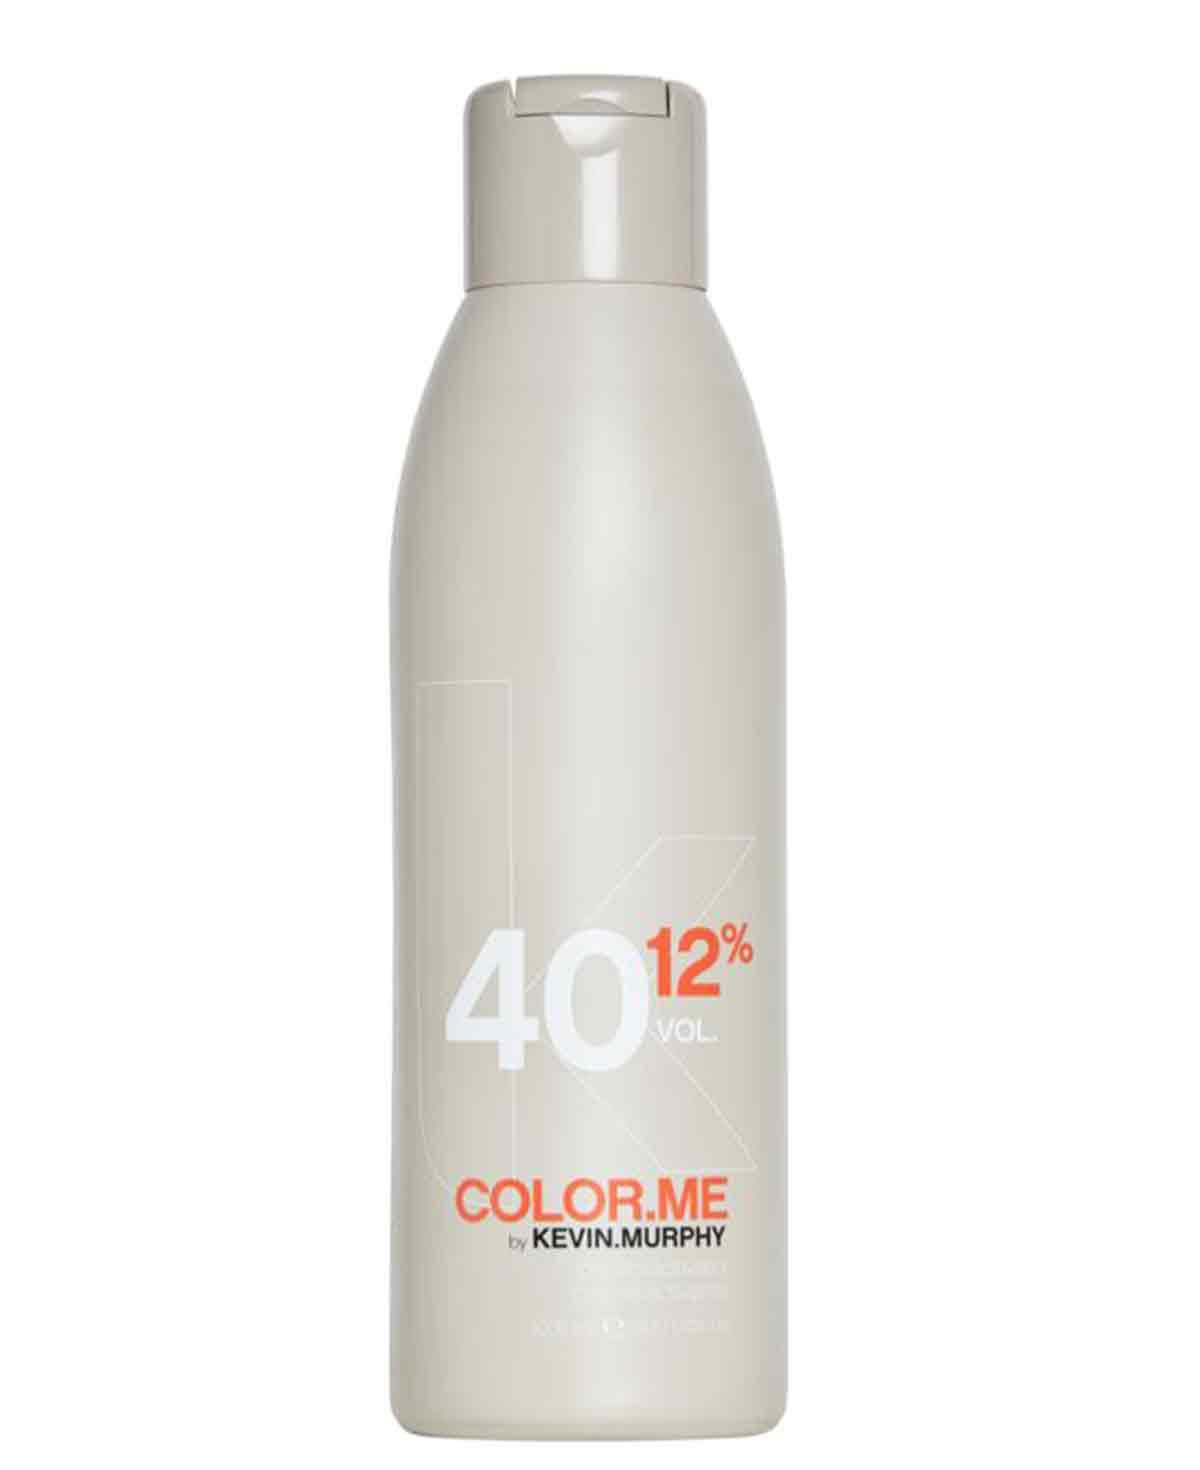 Kevin Murphy color.me 40 Vol. (12%)